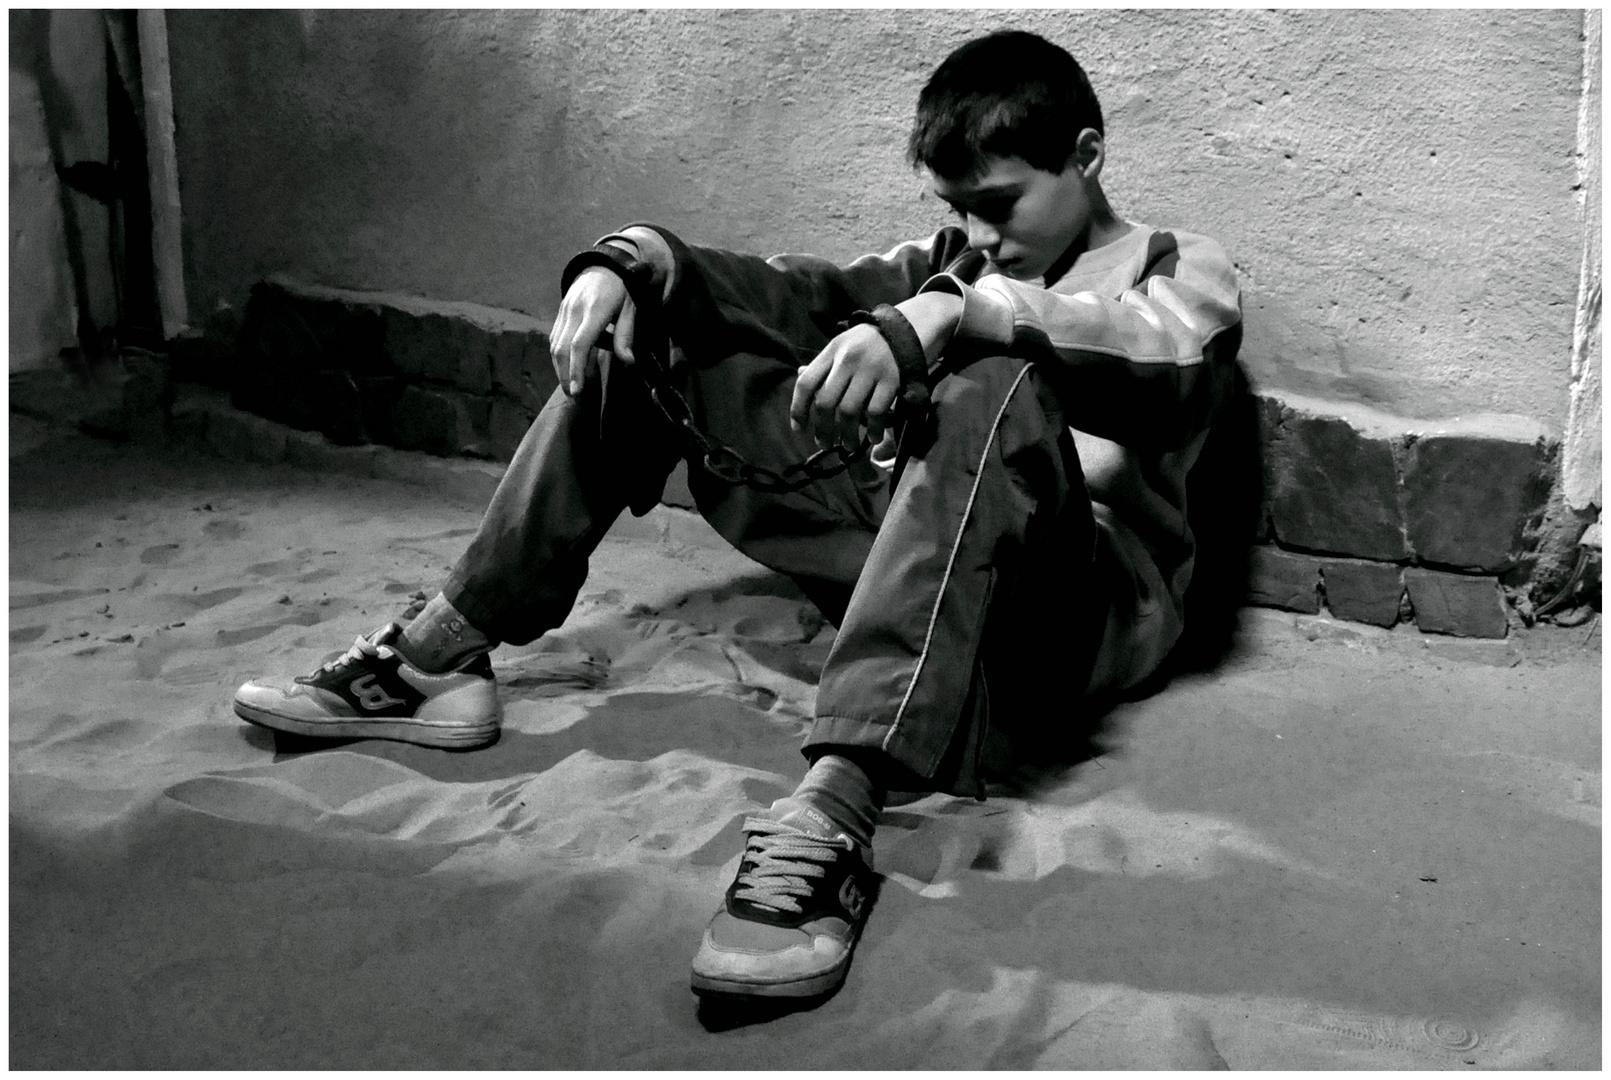 Triste photo et image personnes images en noir et blanc - Image triste noir et blanc ...